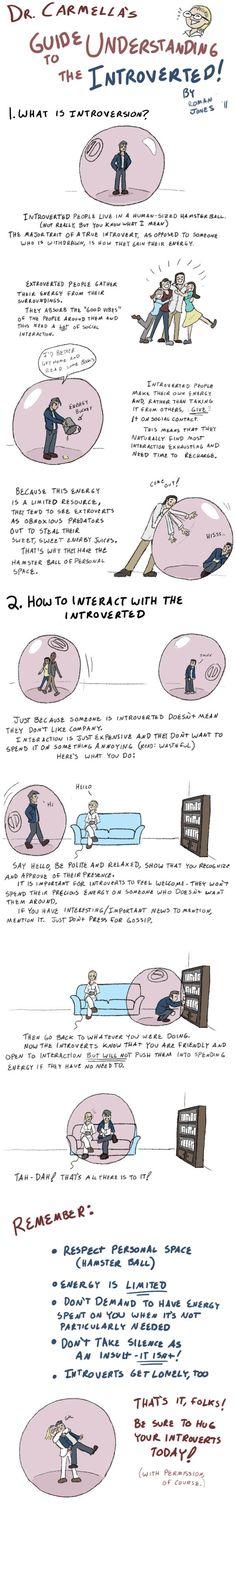 pitäisi introvertti dating extroverts